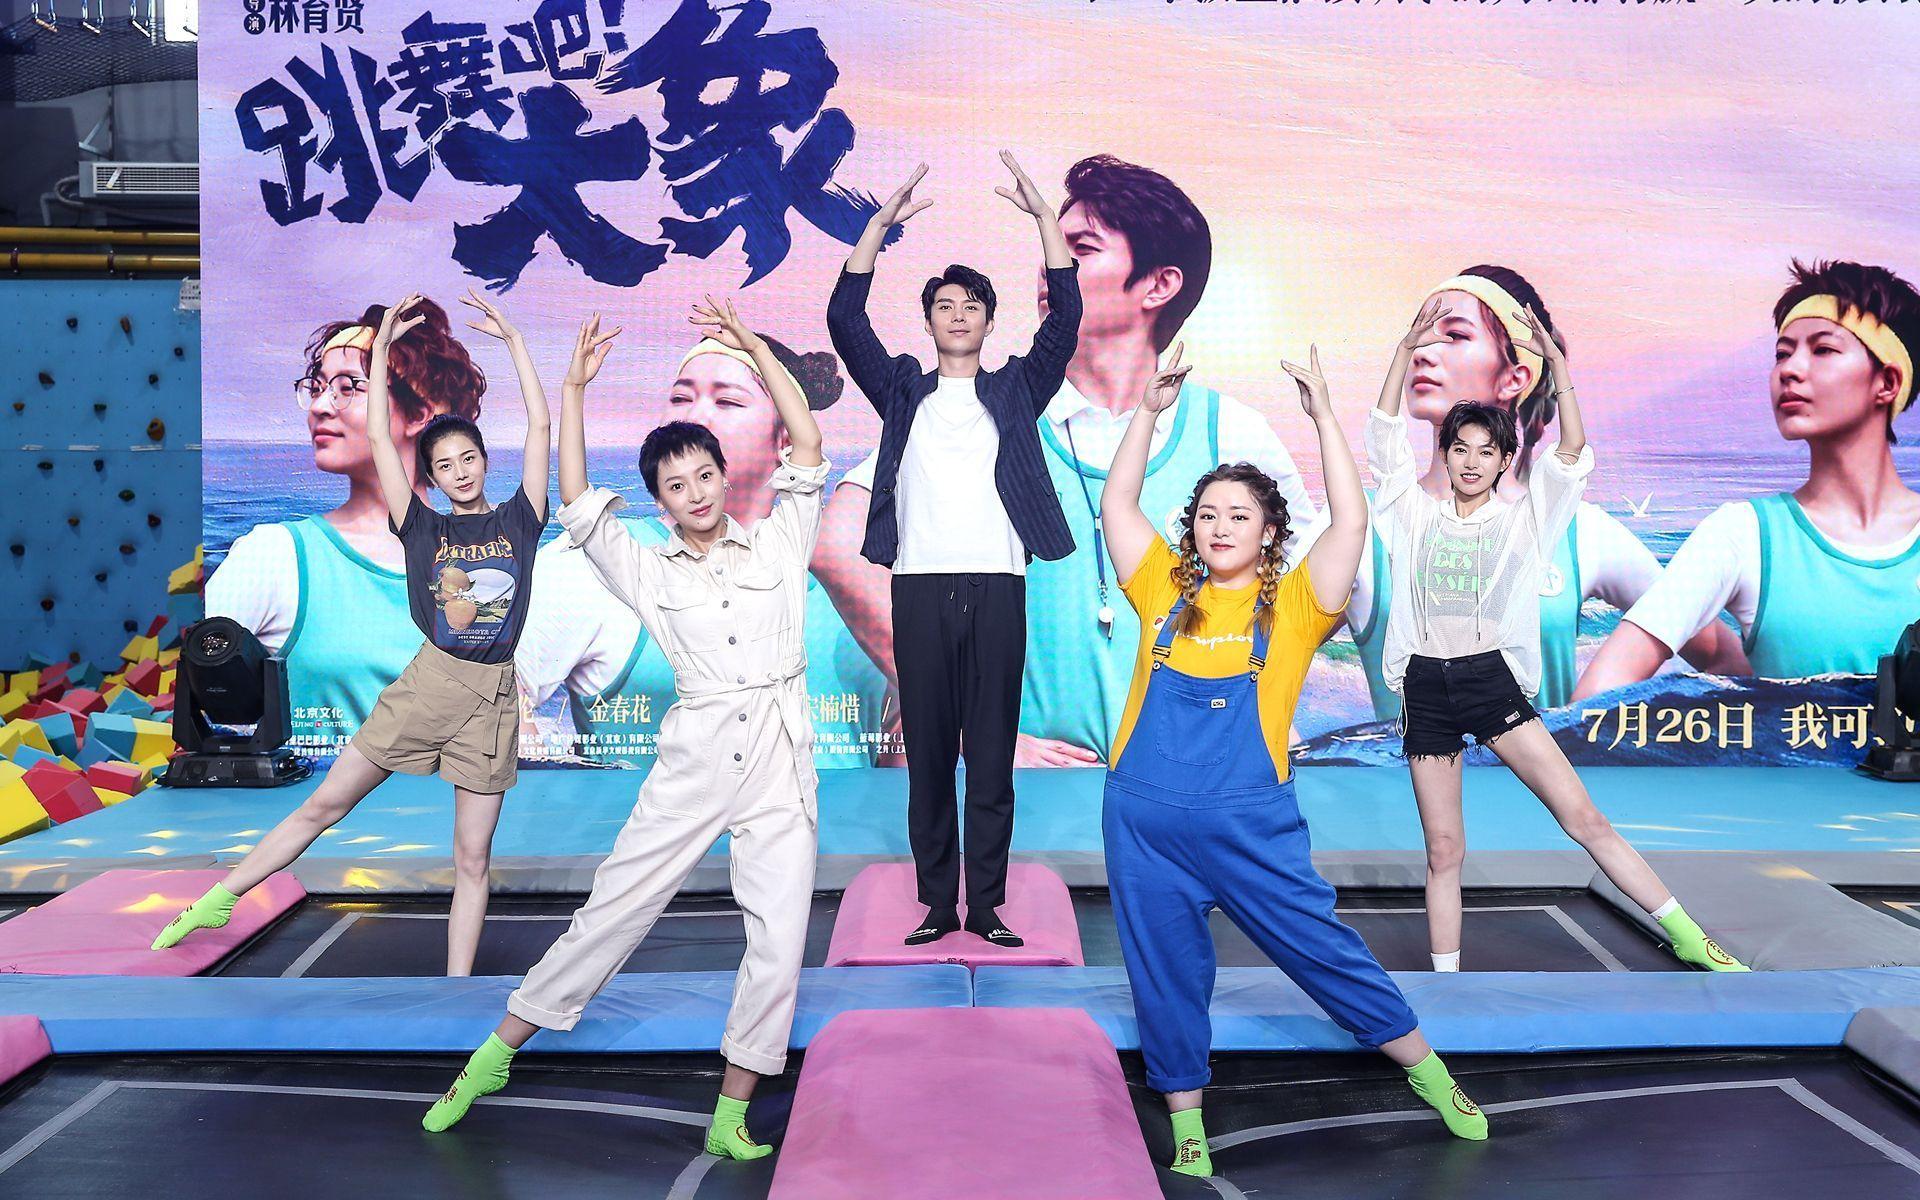 《跳舞吧!大象》蹦床发布会 艾伦金春花分享励志故事